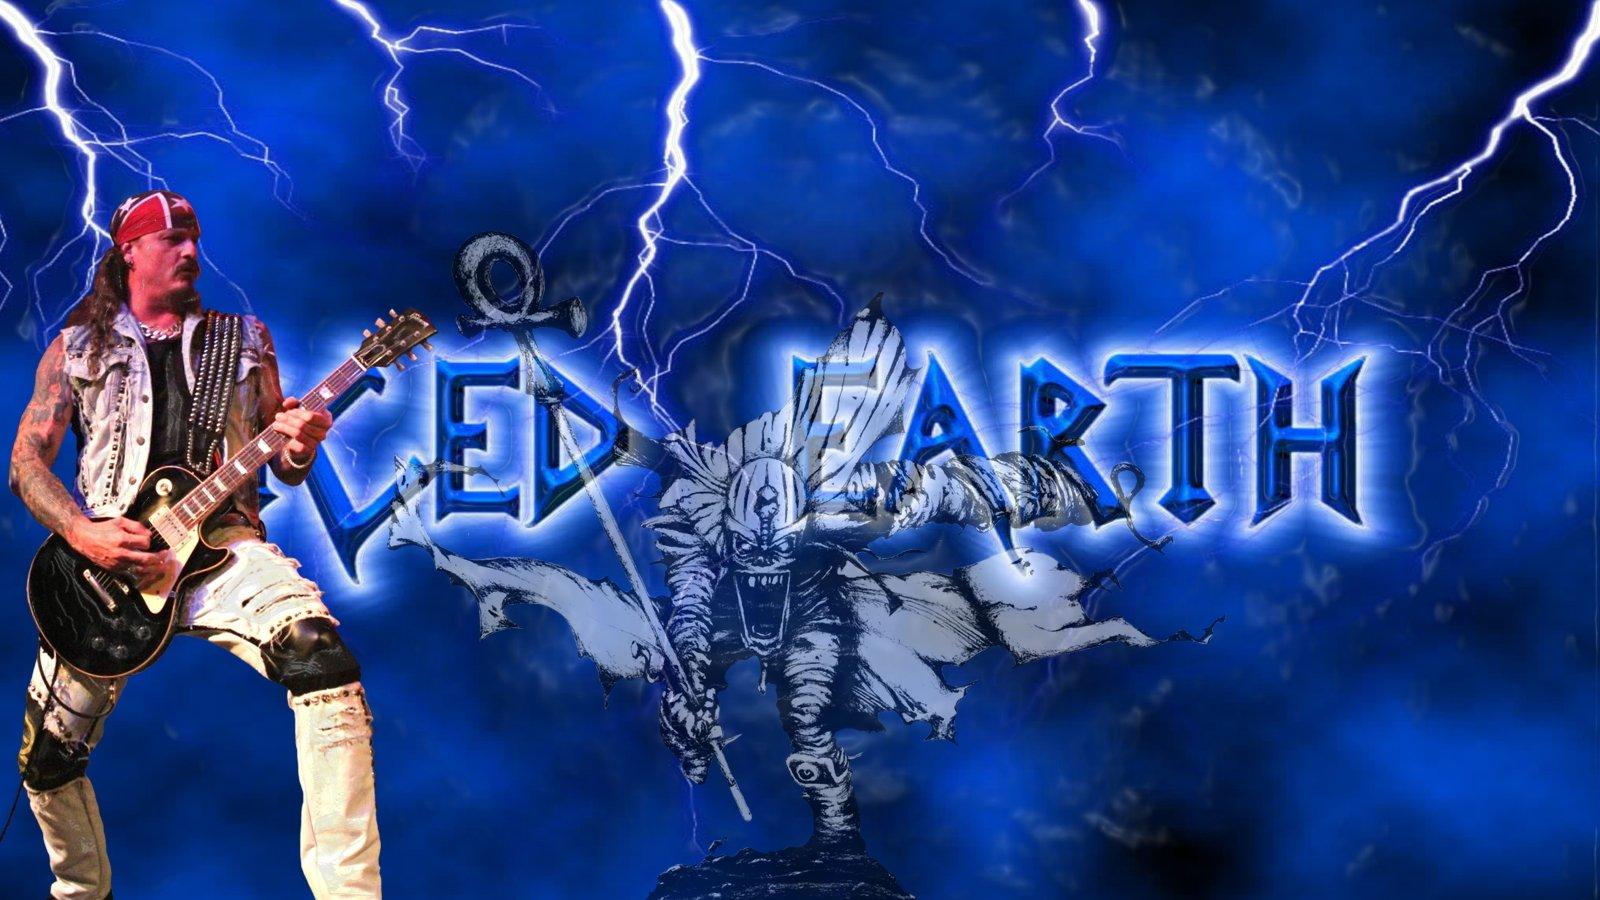 Art ID: 82202